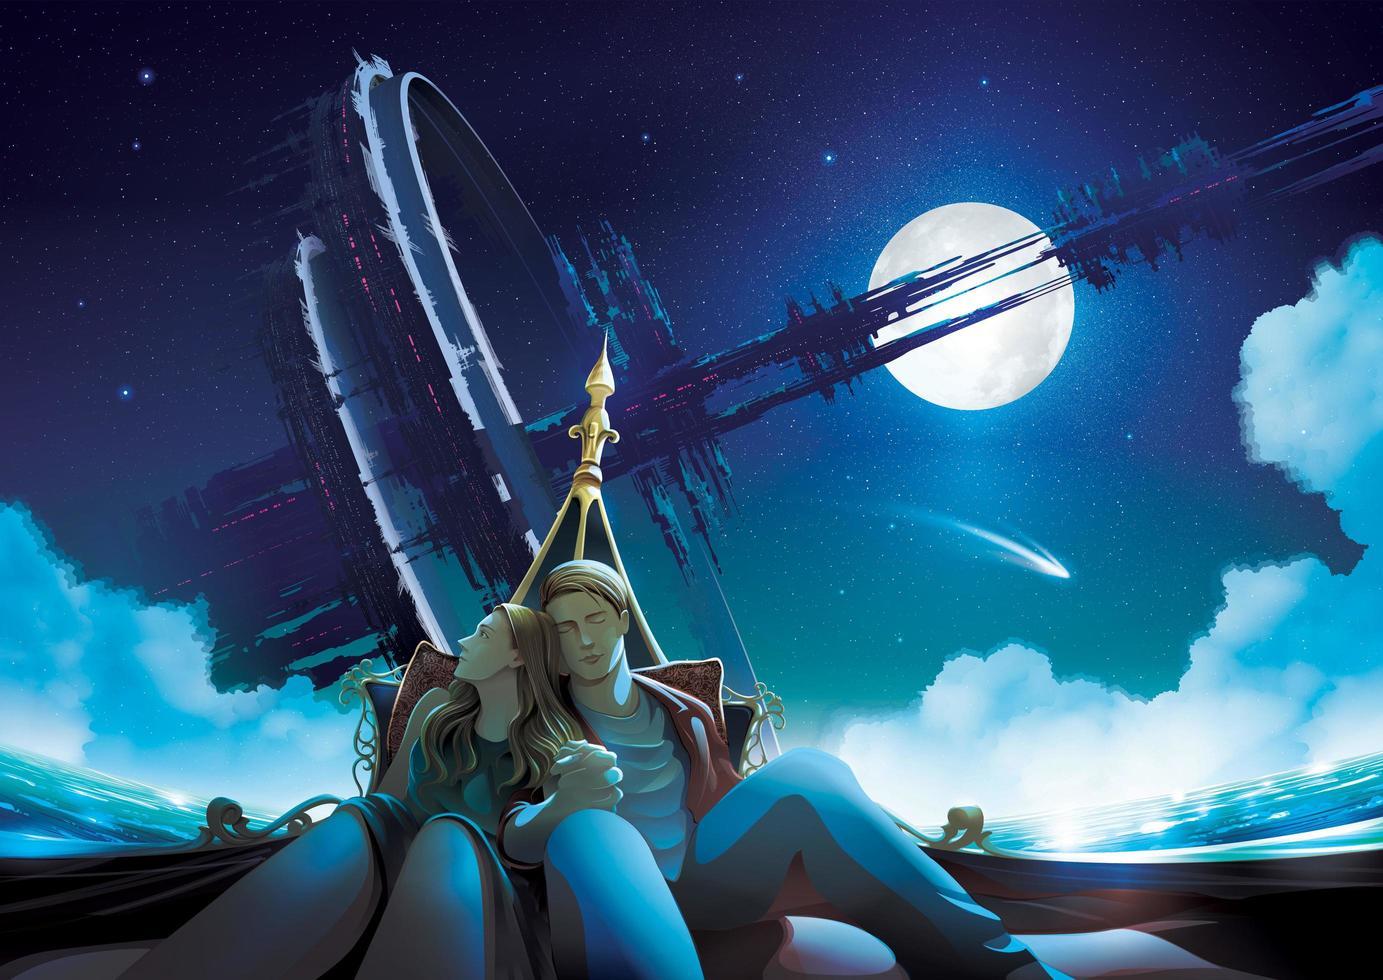 casal em um barco gôndola à noite com espaço ao fundo vetor